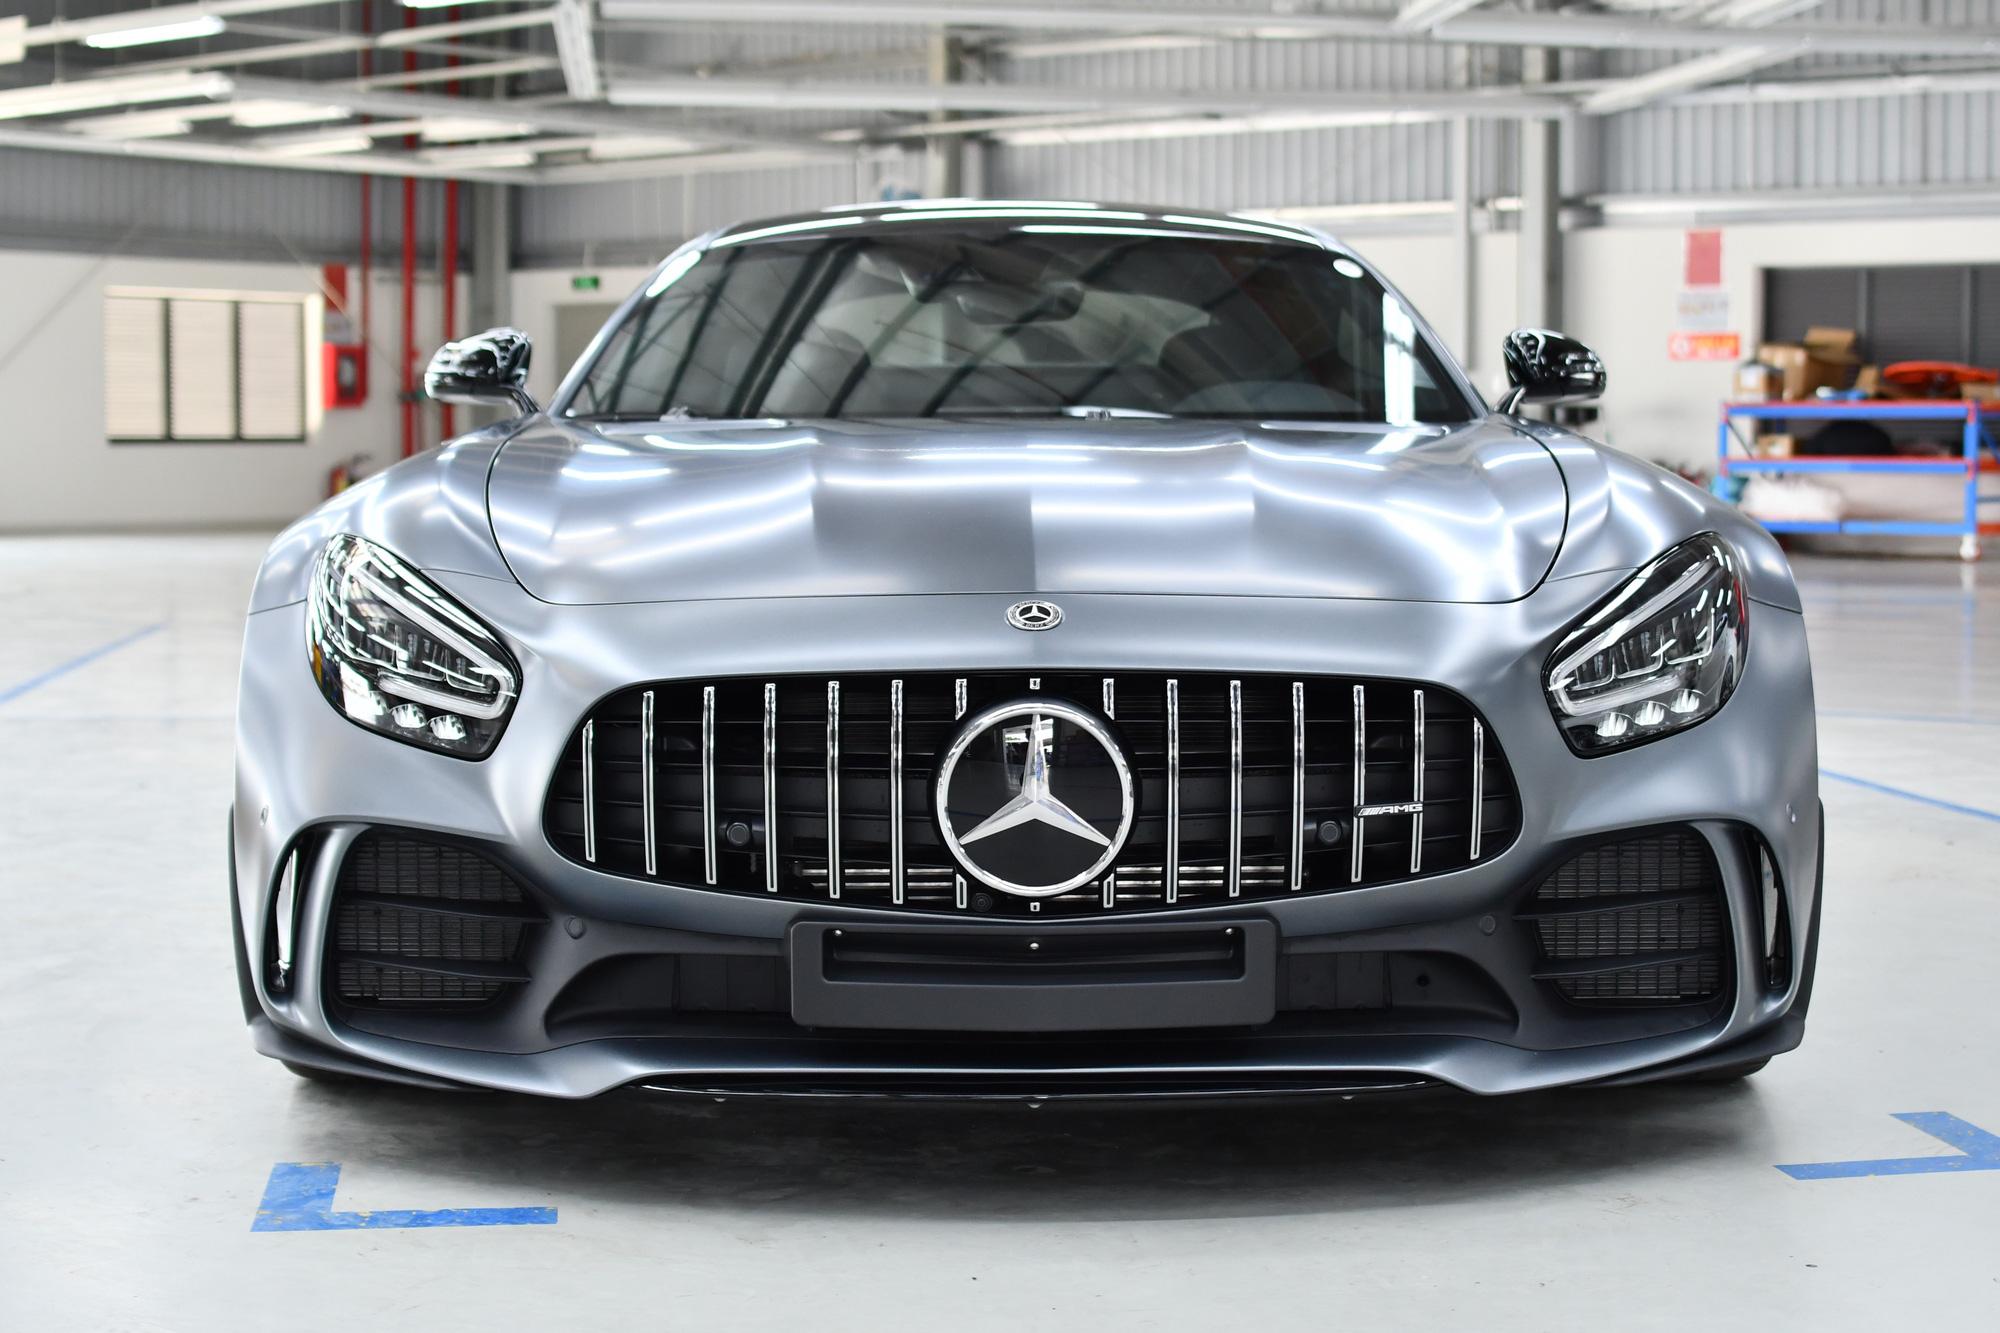 Loạt ôtô sẽ dừng sản xuất trong năm 2021 - Ảnh 14.